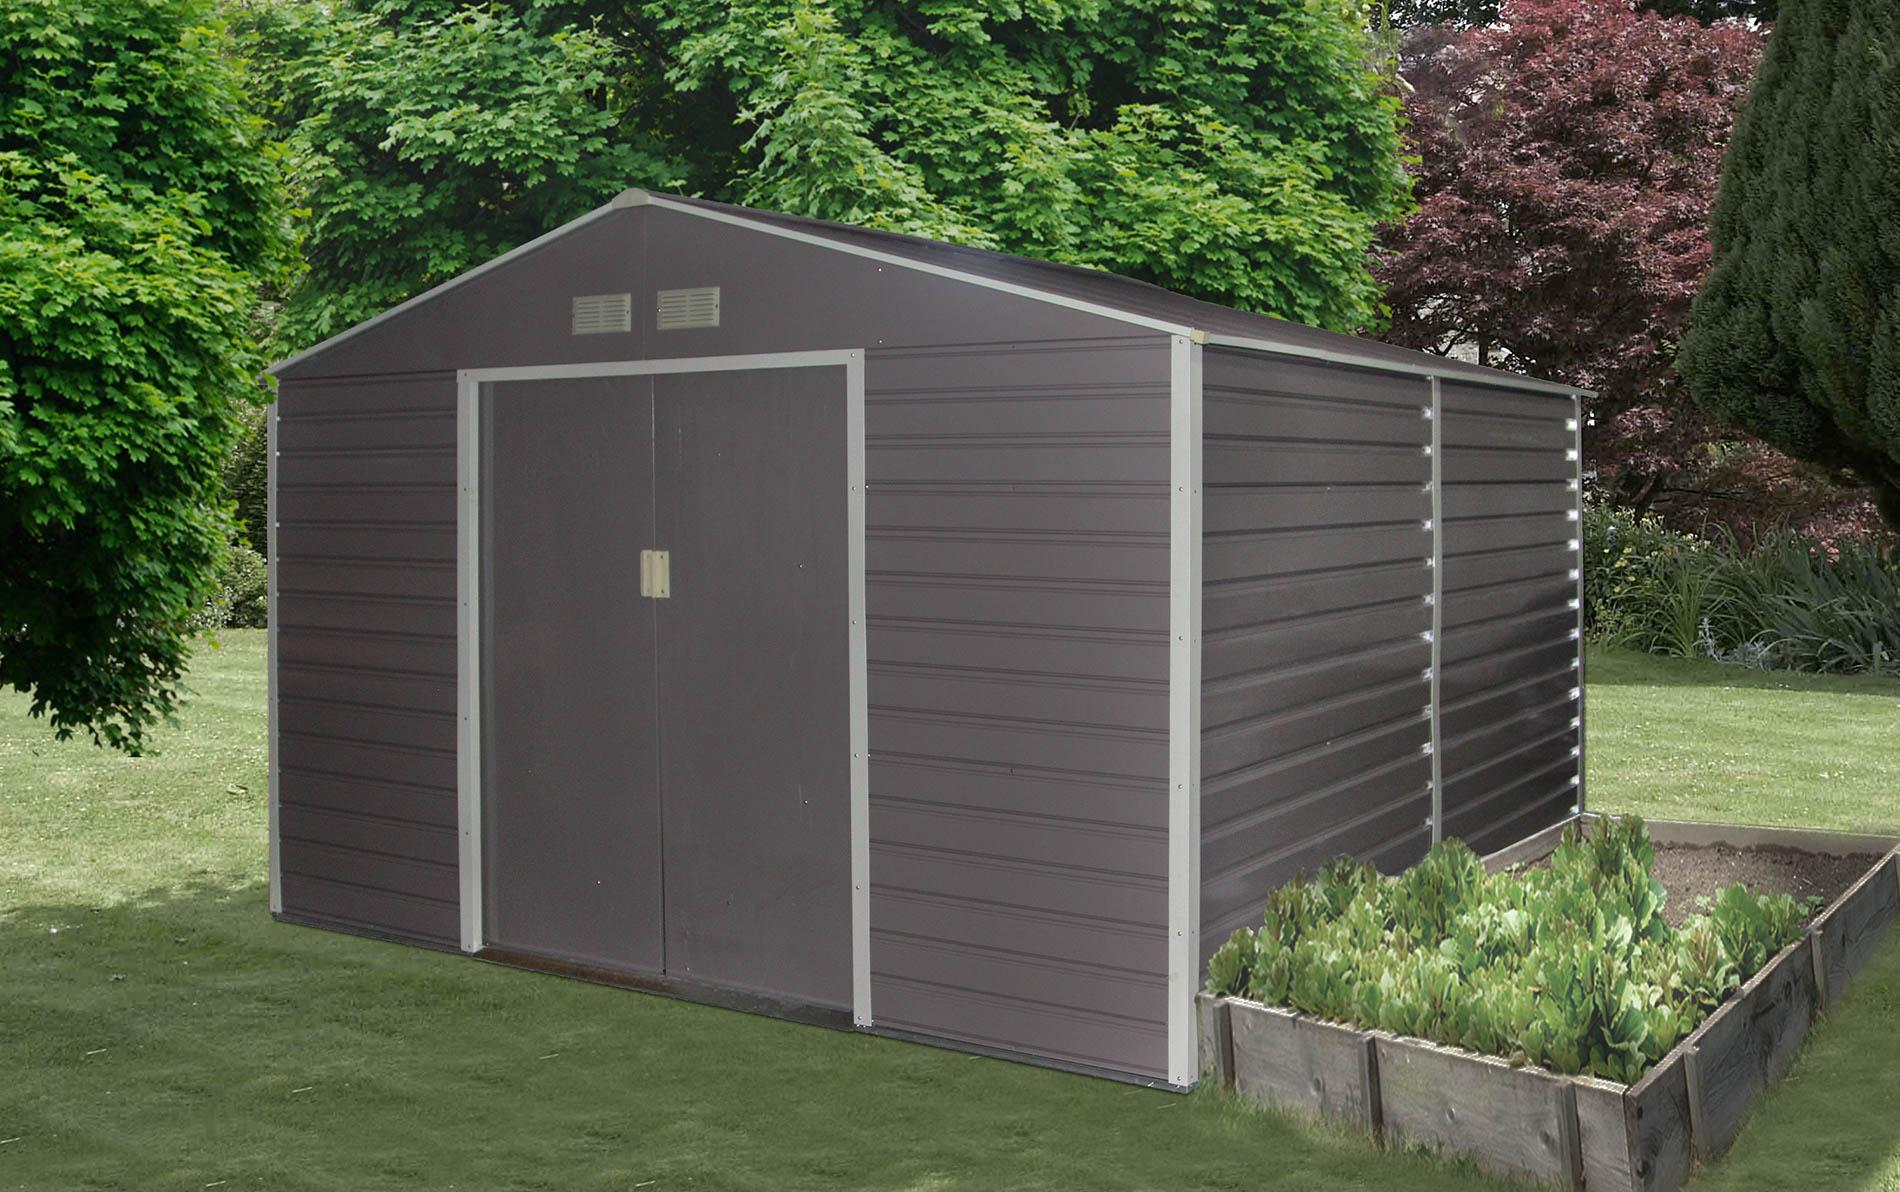 záhradný domček g21 gah 529, šedý